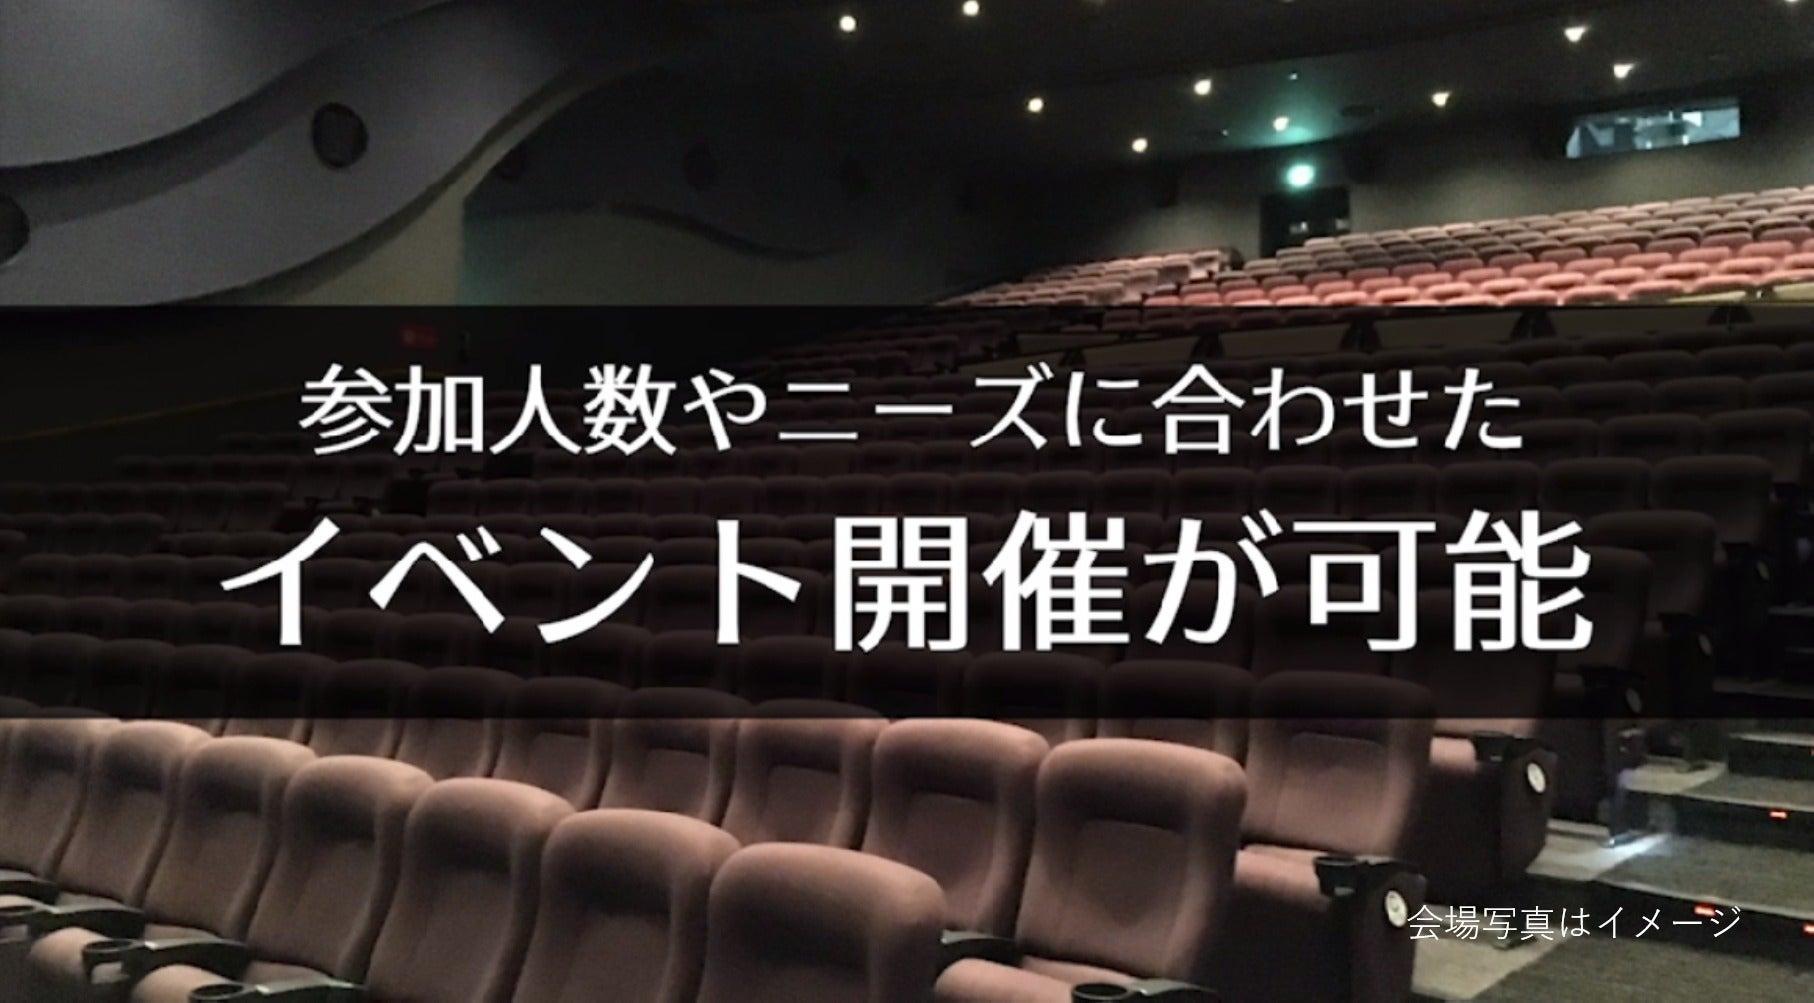 【熊本 104席】映画館で、会社説明会、株主総会、講演会の企画はいかがですか?(ユナイテッド・シネマ熊本) の写真0